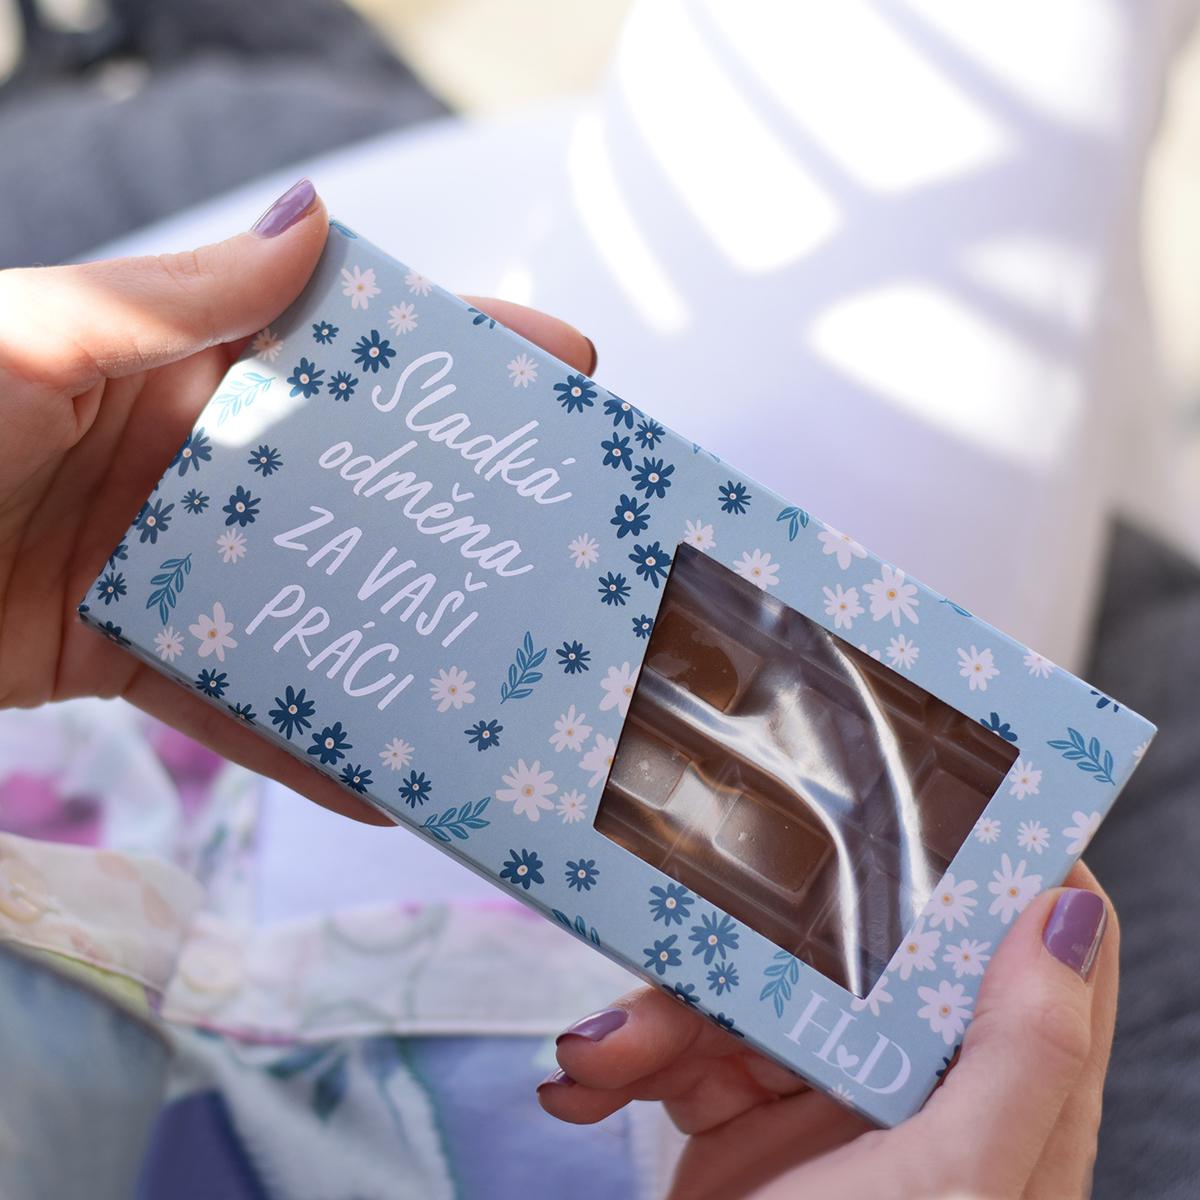 HOUSEDECOR Mléčná čokoláda - Sladká odměna za Vaši práci.